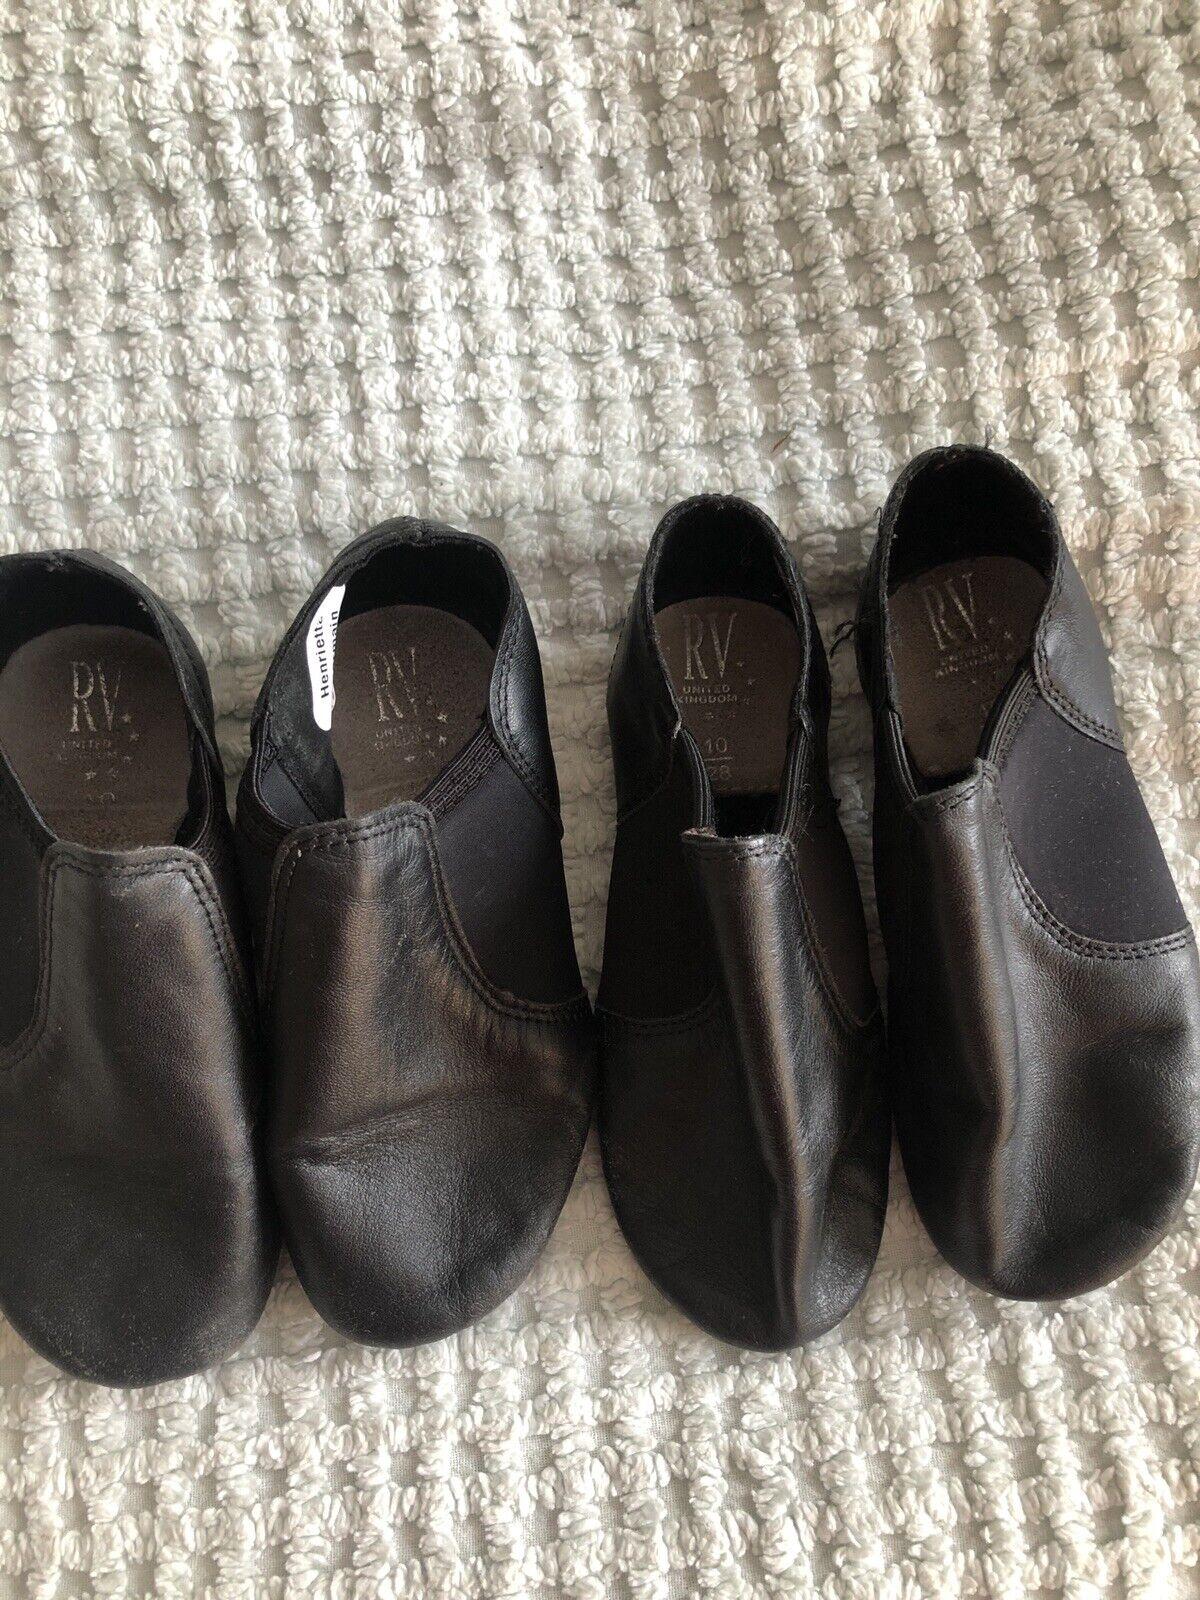 roch valley split sole jazz shoes black slip on size 10 x2 twins